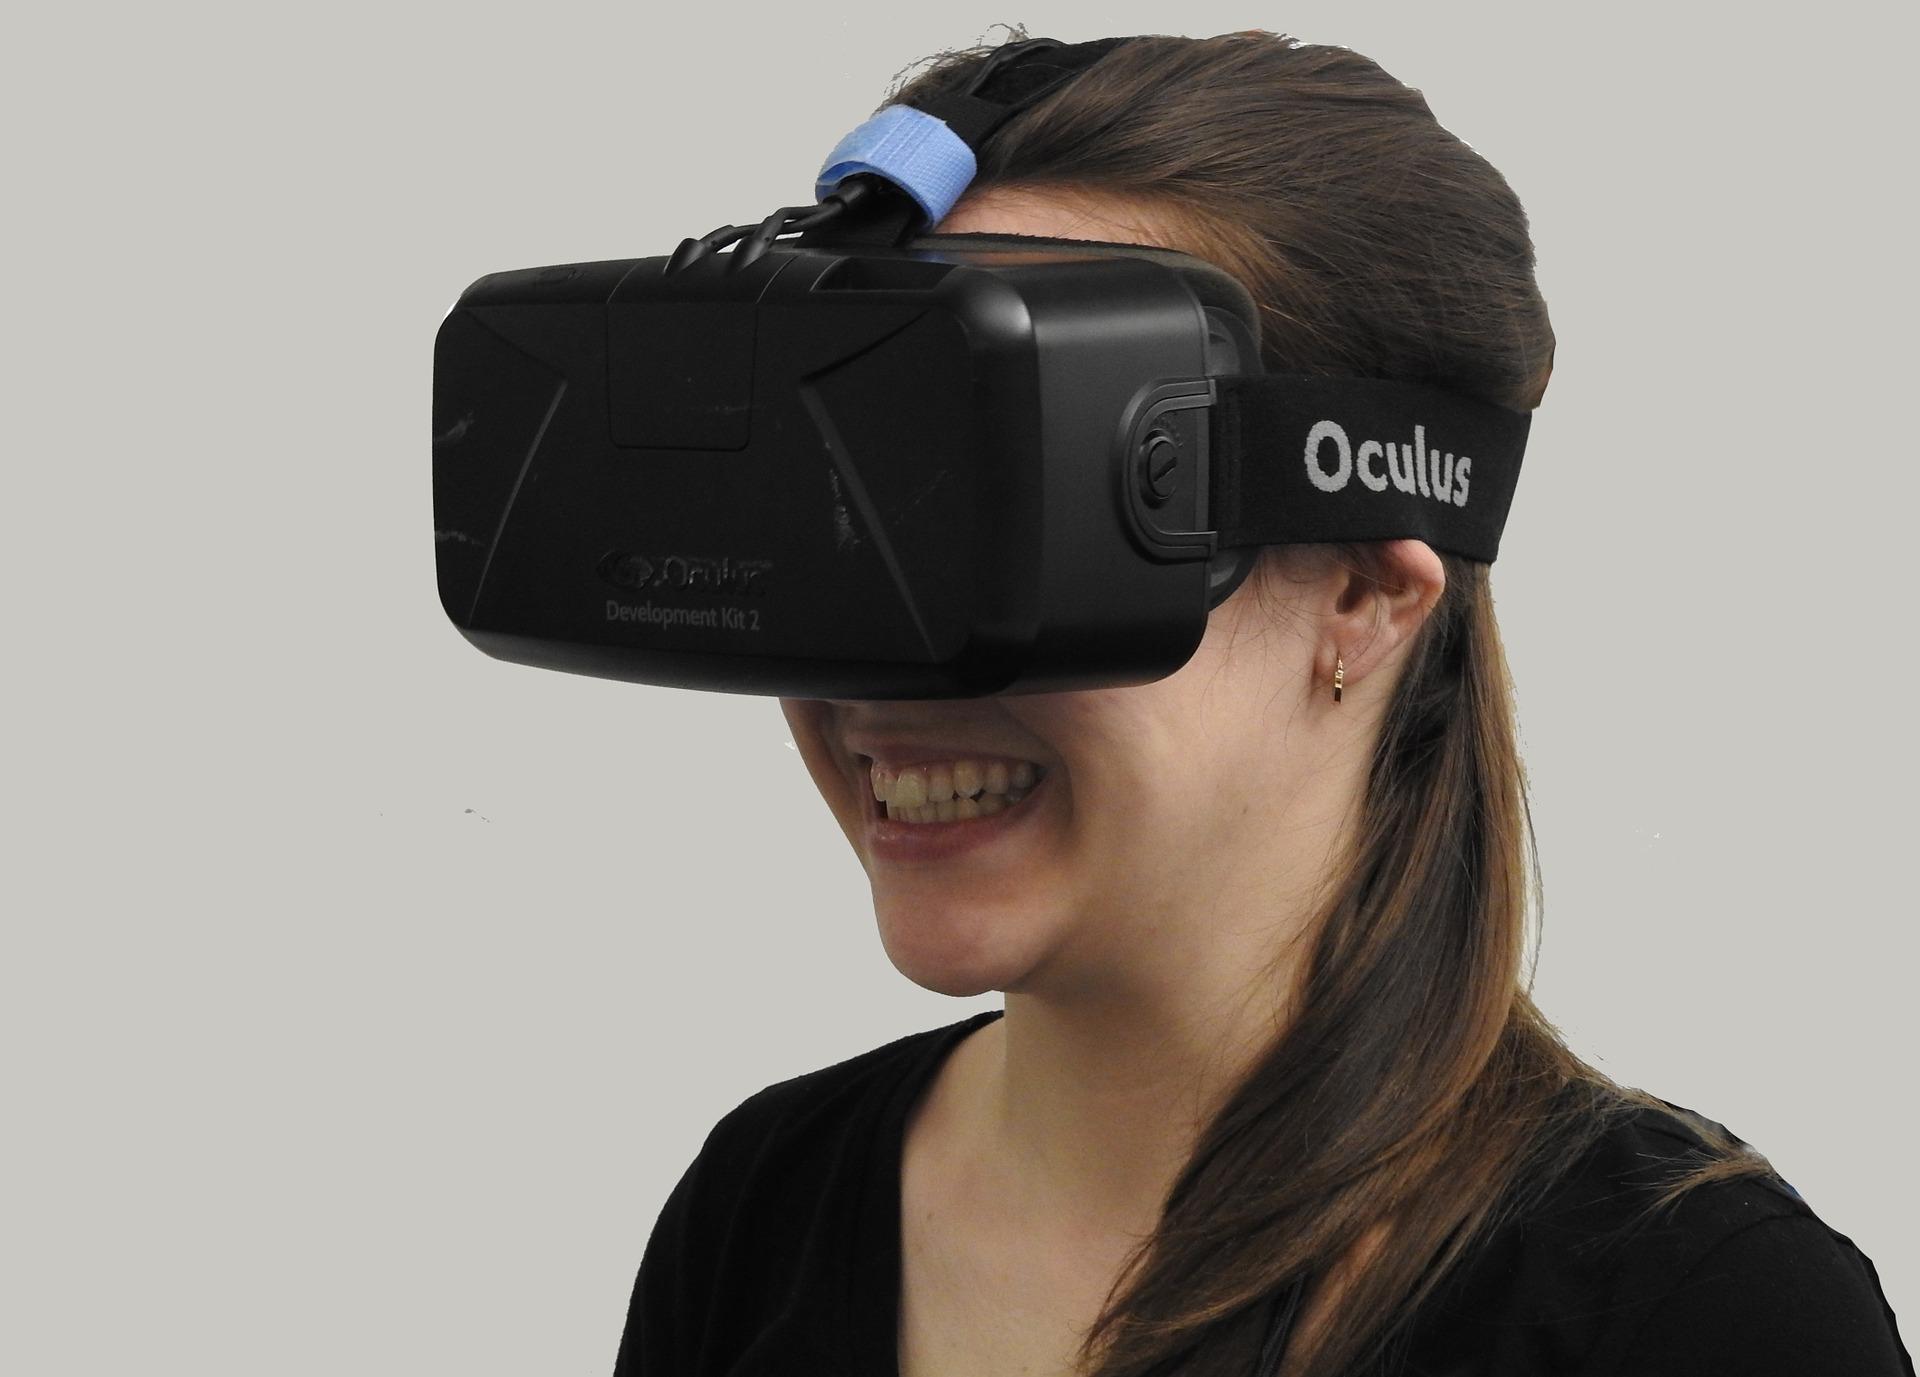 VR(バーチャル・リアリティ)とは?仕組みや活用事例、ARとの違いを紹介